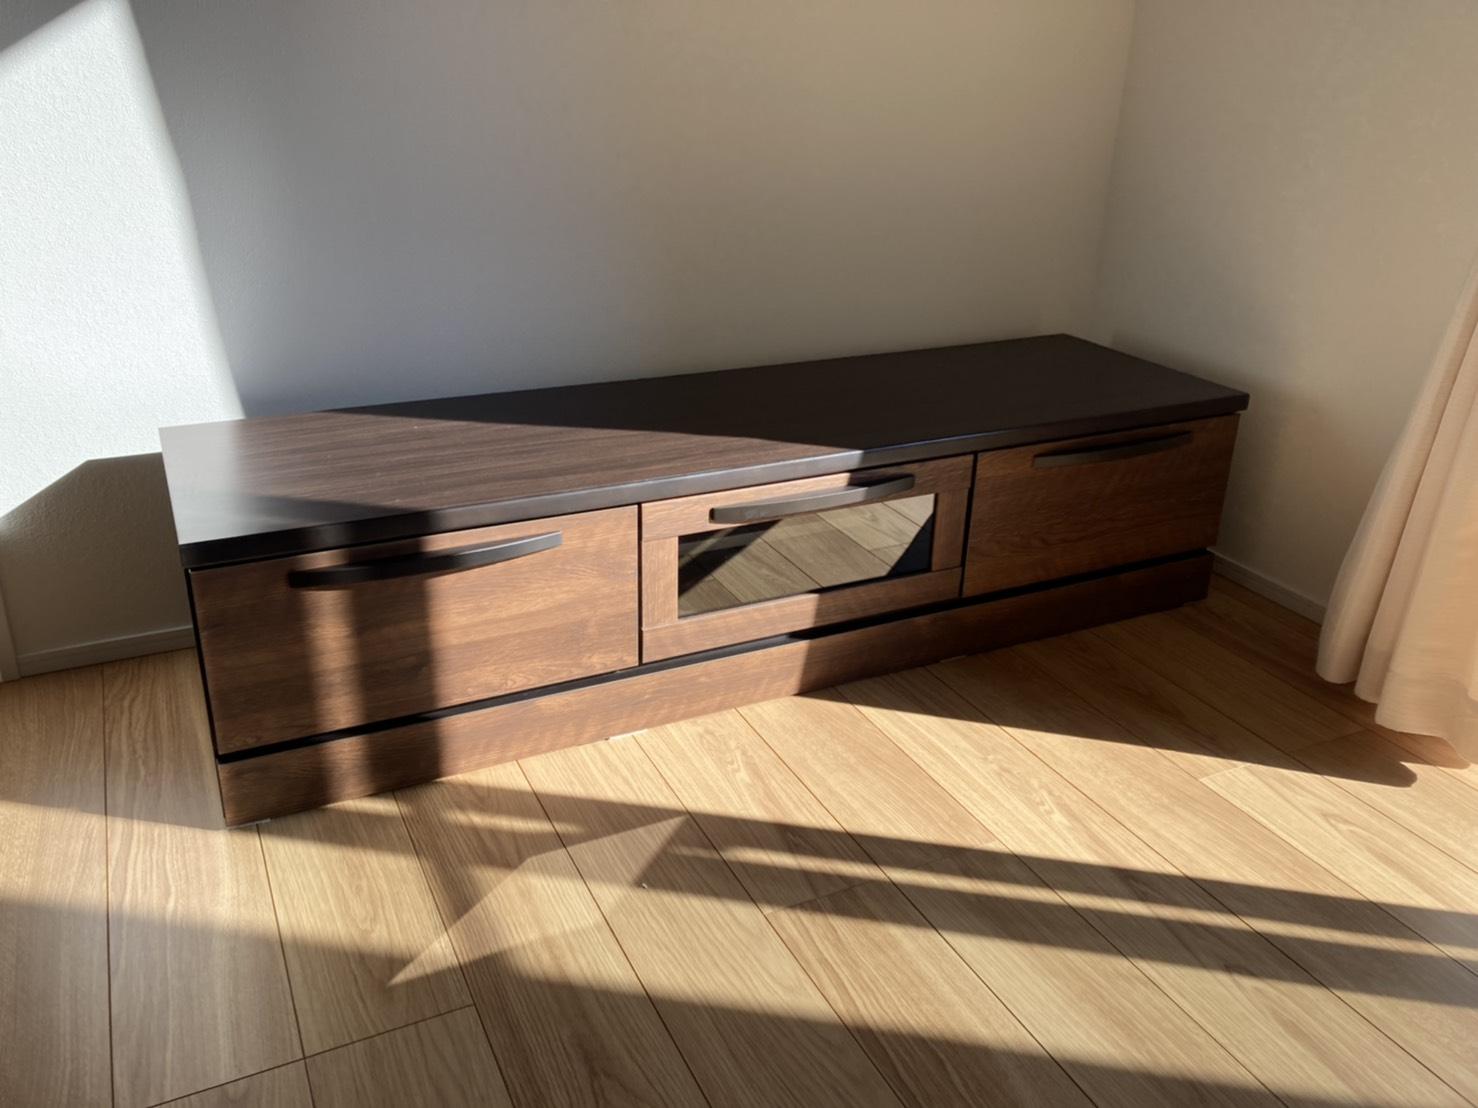 磐田市福田にお住まいのY様宅へお届けした150cm幅のテレビボード